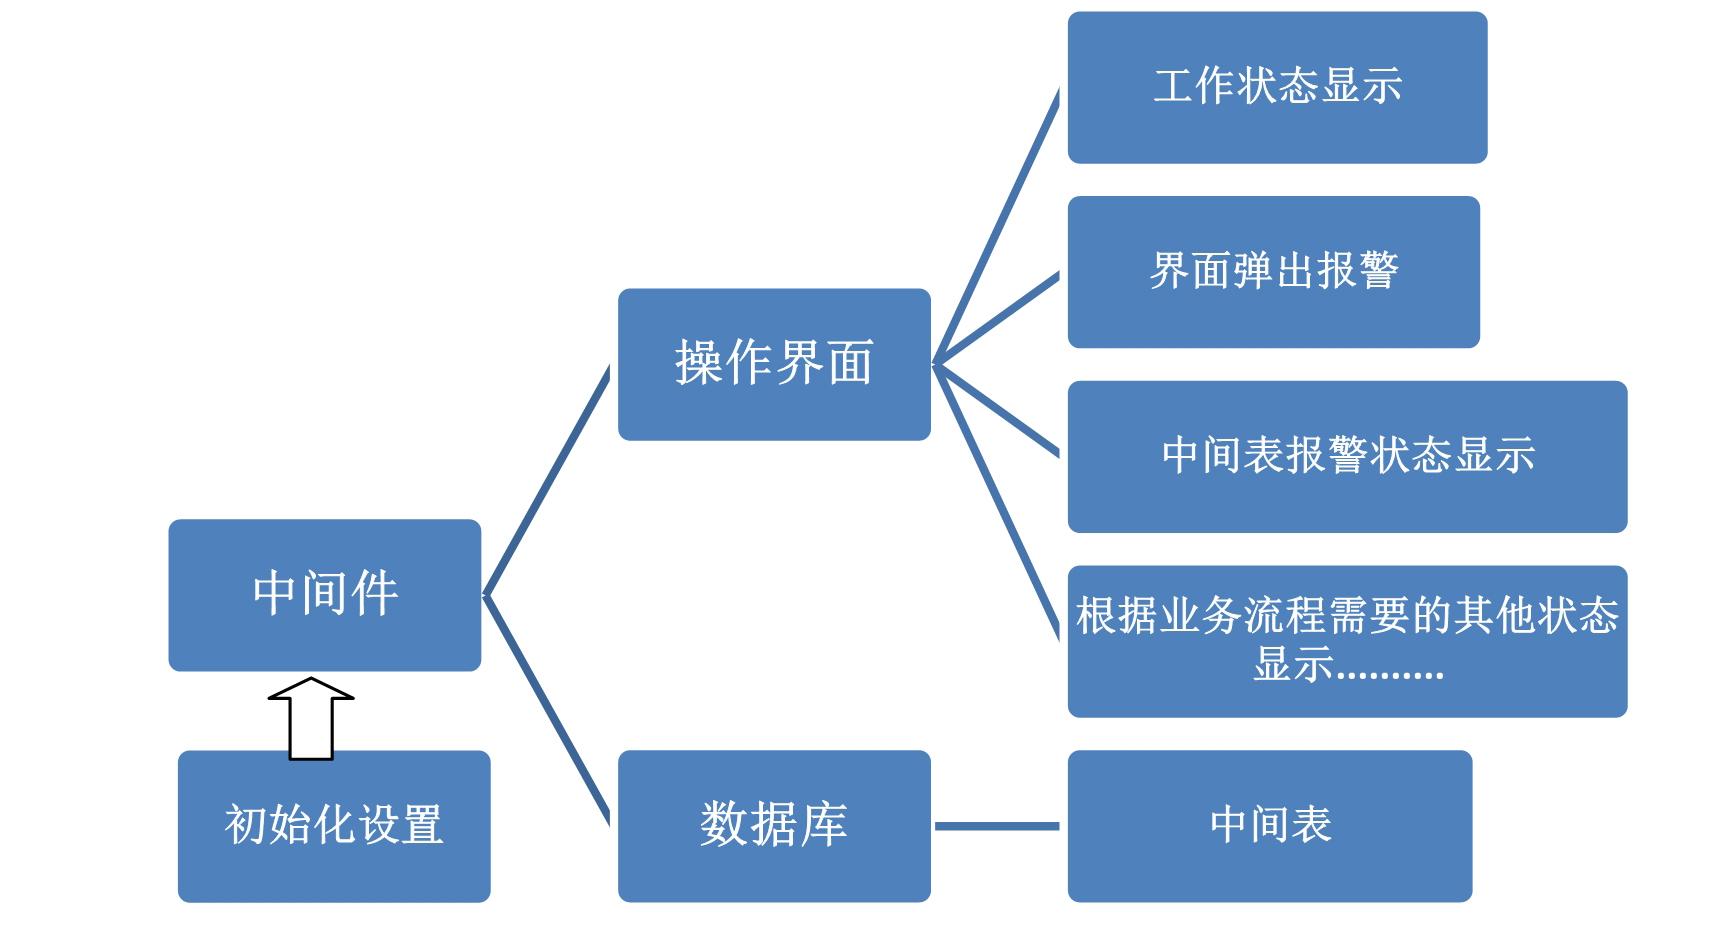 RFID中间件架构